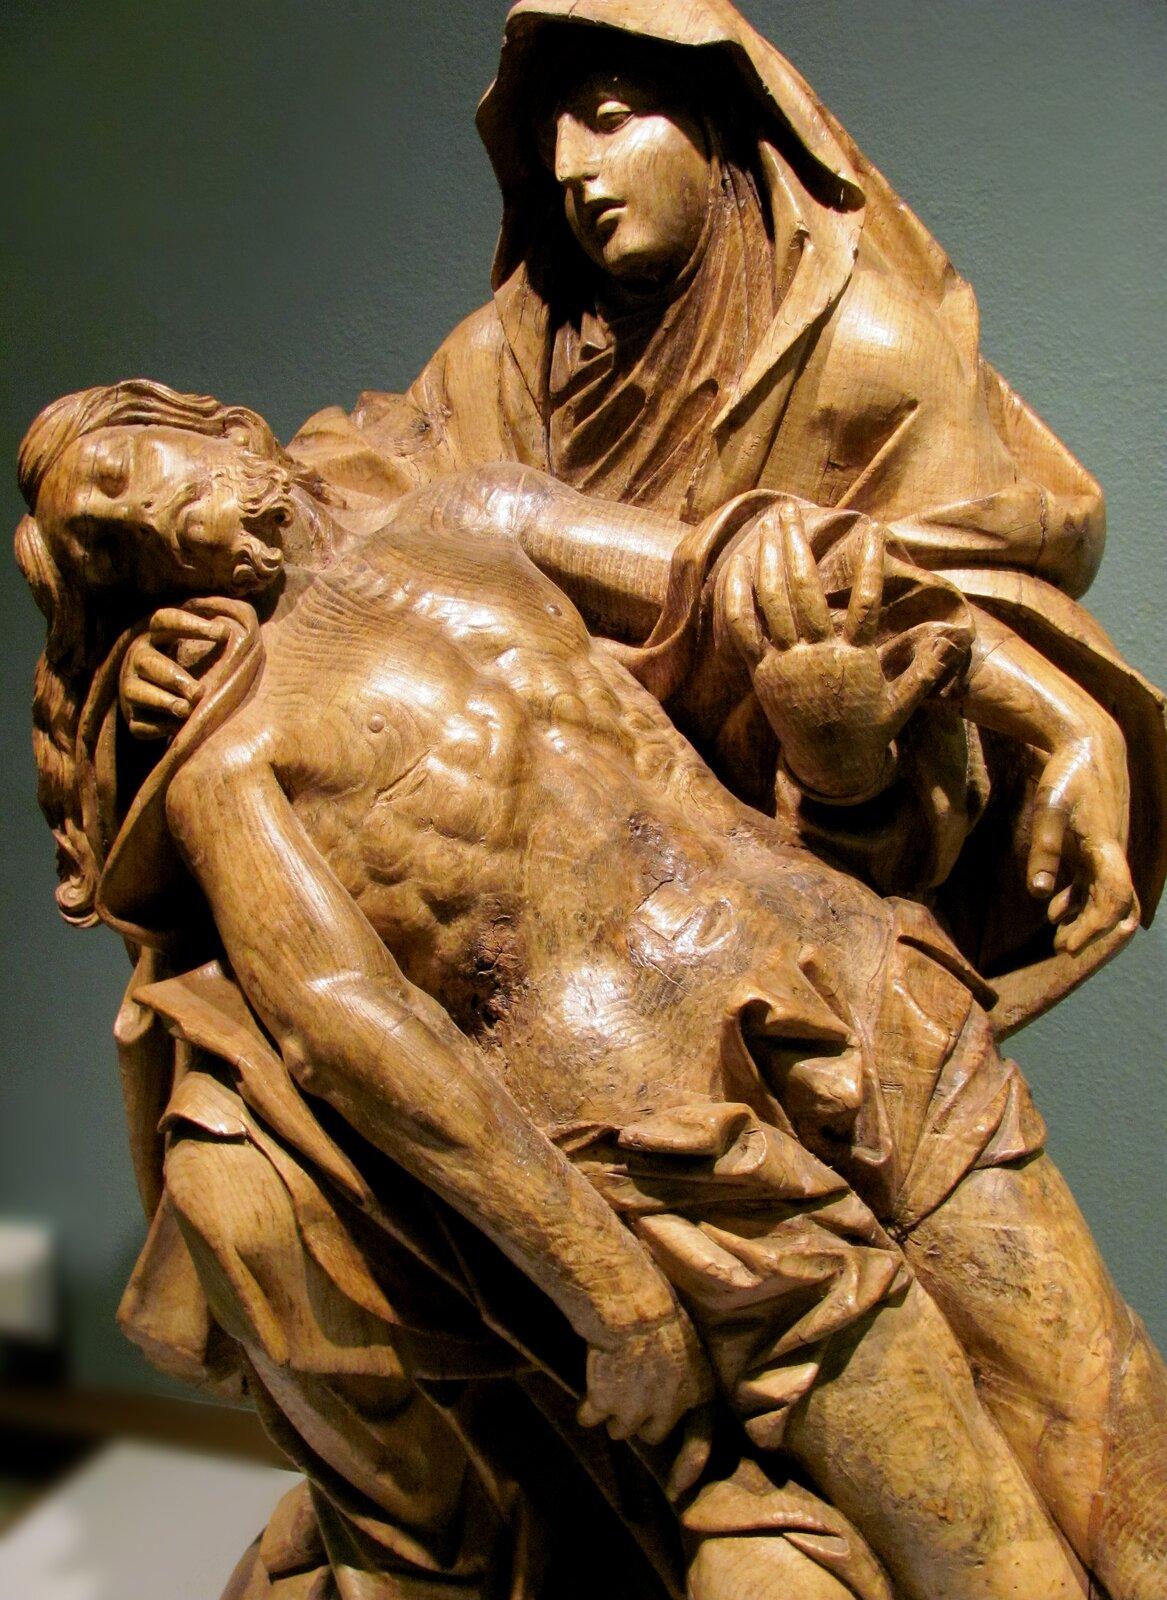 """Ilustracja przedstawia rzeźbę """"Pieta"""" nieznanego autorstwa. Wykonana zdrewna, przedstawia Maryję trzymającą wramionach ciało zdjętego zkrzyża Chrystusa. Wzrok Matki Boskiej skierowany jest na głowę Chrystusa, spoczywającą na prawym ramieniu Marii. Drugą ręką trzyma lewe ramię Syna. Ubrana jest wswobodny płaszcz, okrywający głowę. Ciało martwego Chrystusa bezwładnie osuwa się."""